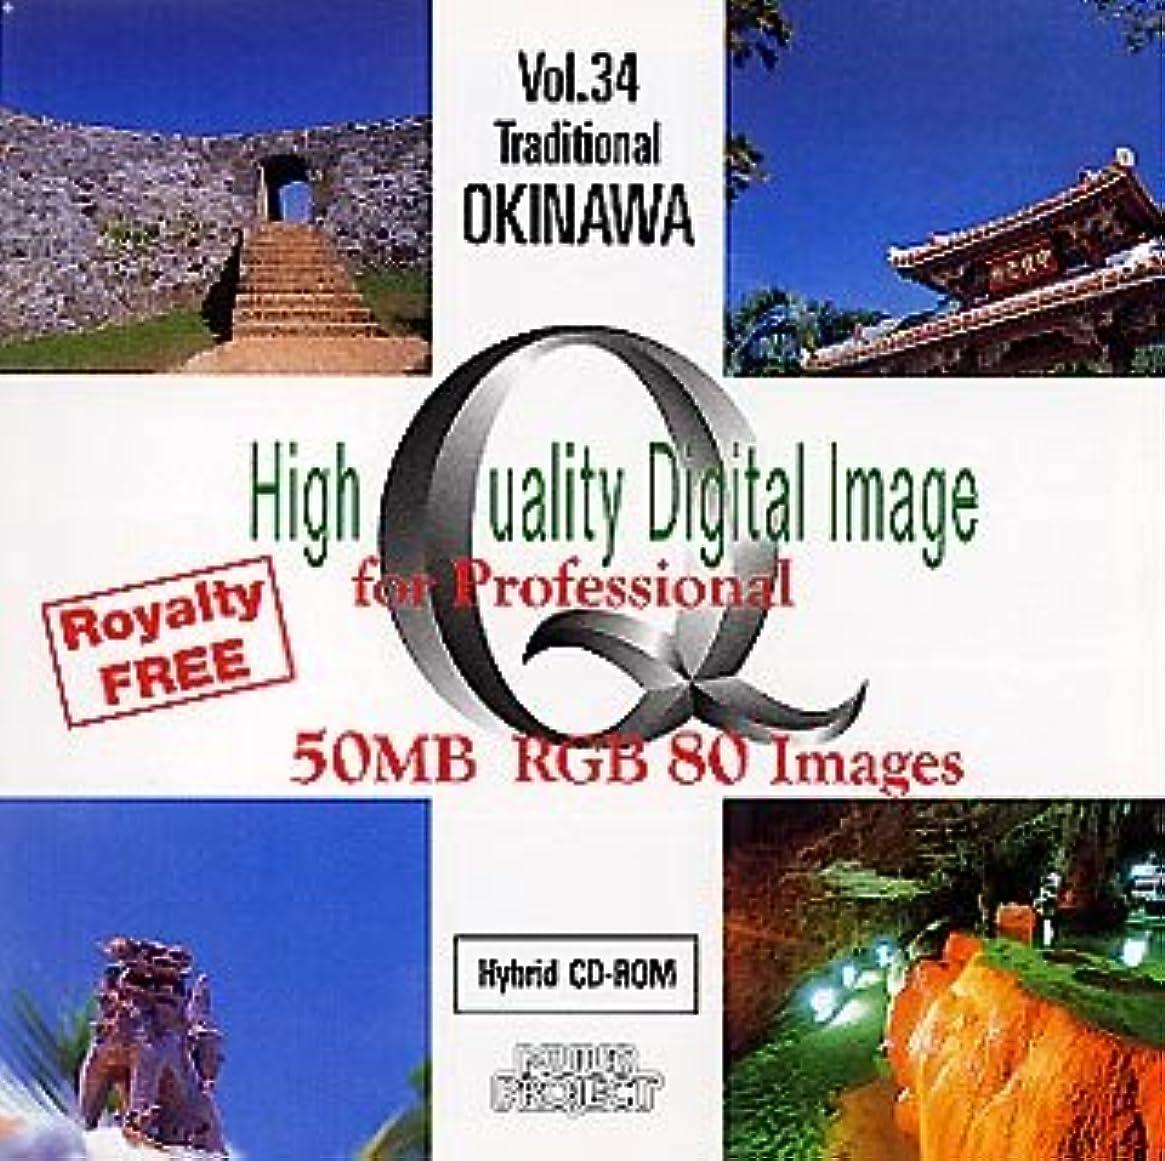 助けてコンサート永続High Quality Digital Image for Professional Vol.34 Traditional OKINAWA